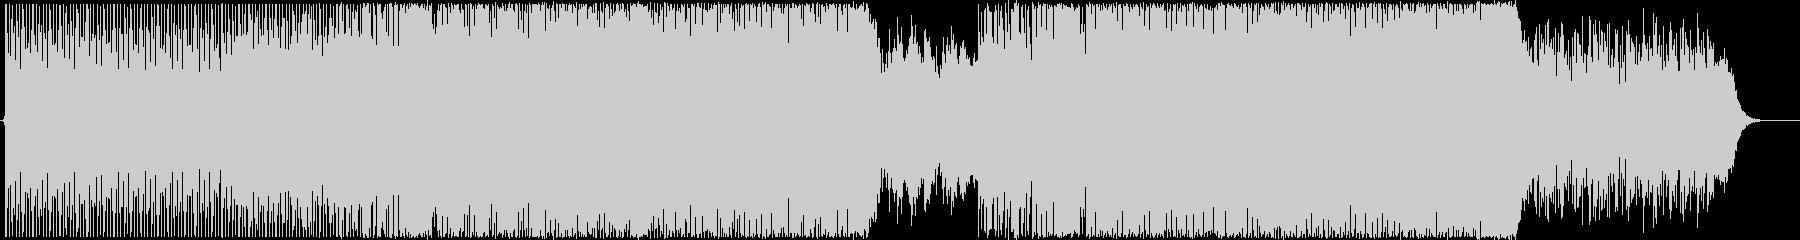 ハイテンポな感動ピアノ+シンセハウスの未再生の波形